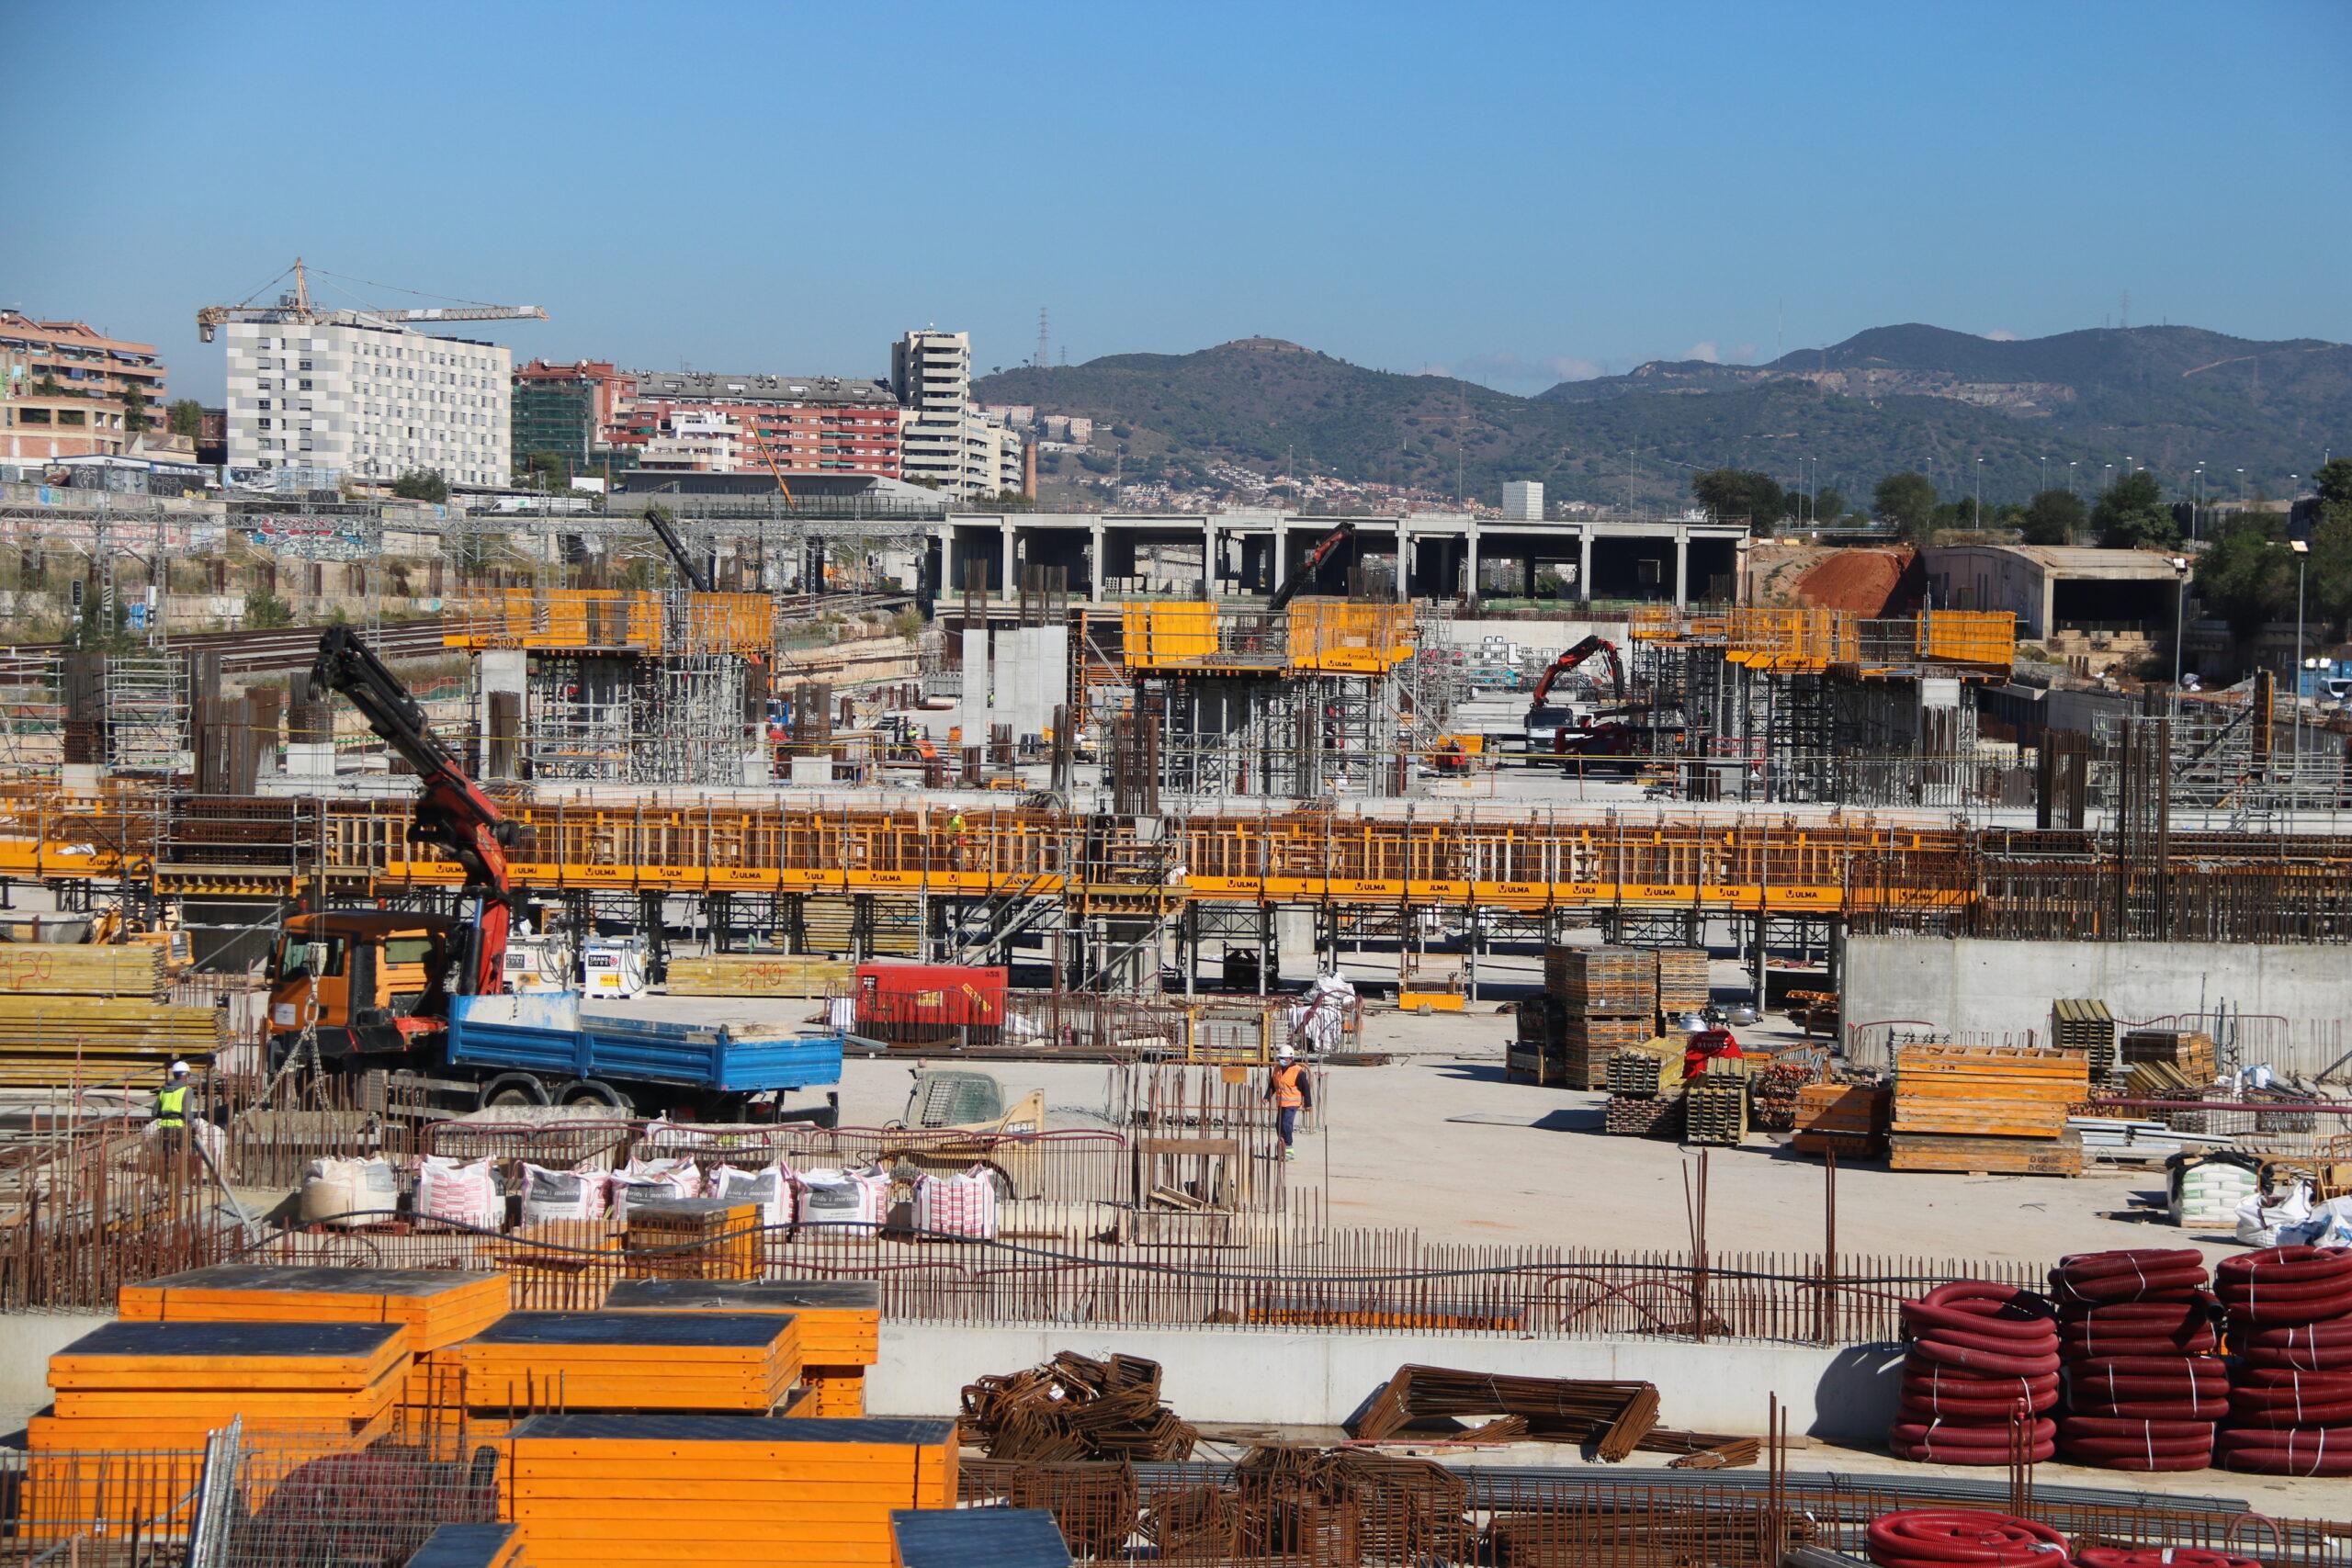 Obres a la nova estació de la Sagrera, amb l'estructura per on passaran els trens d'alta velocitat al fons / ACN - Albert Cadanet